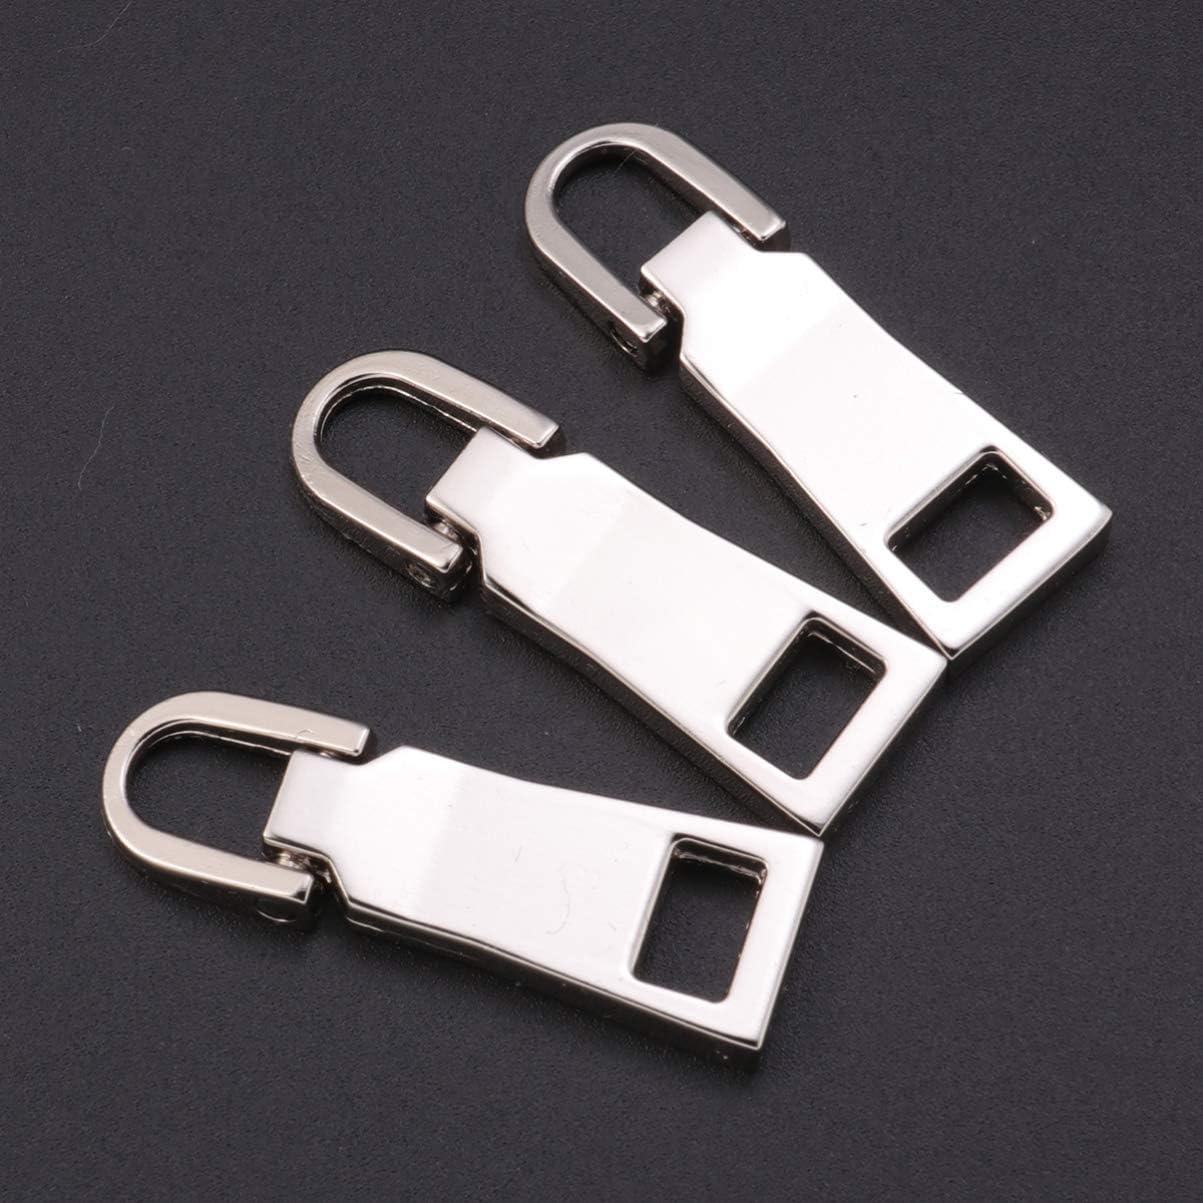 maletas Aleaci/ón de cinc manualidades Small Healifty 10 piezas de pesta/ñas de tirador de cremallera desmontables de repuesto para reparar ropa mochilas color plateado plata